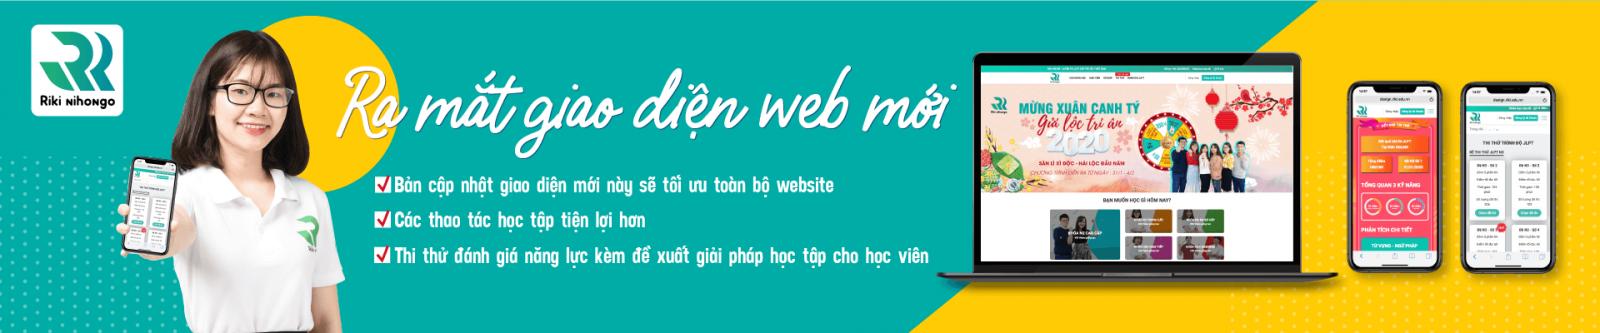 https://riki.edu.vn/online/Cập nhật giao diện mới